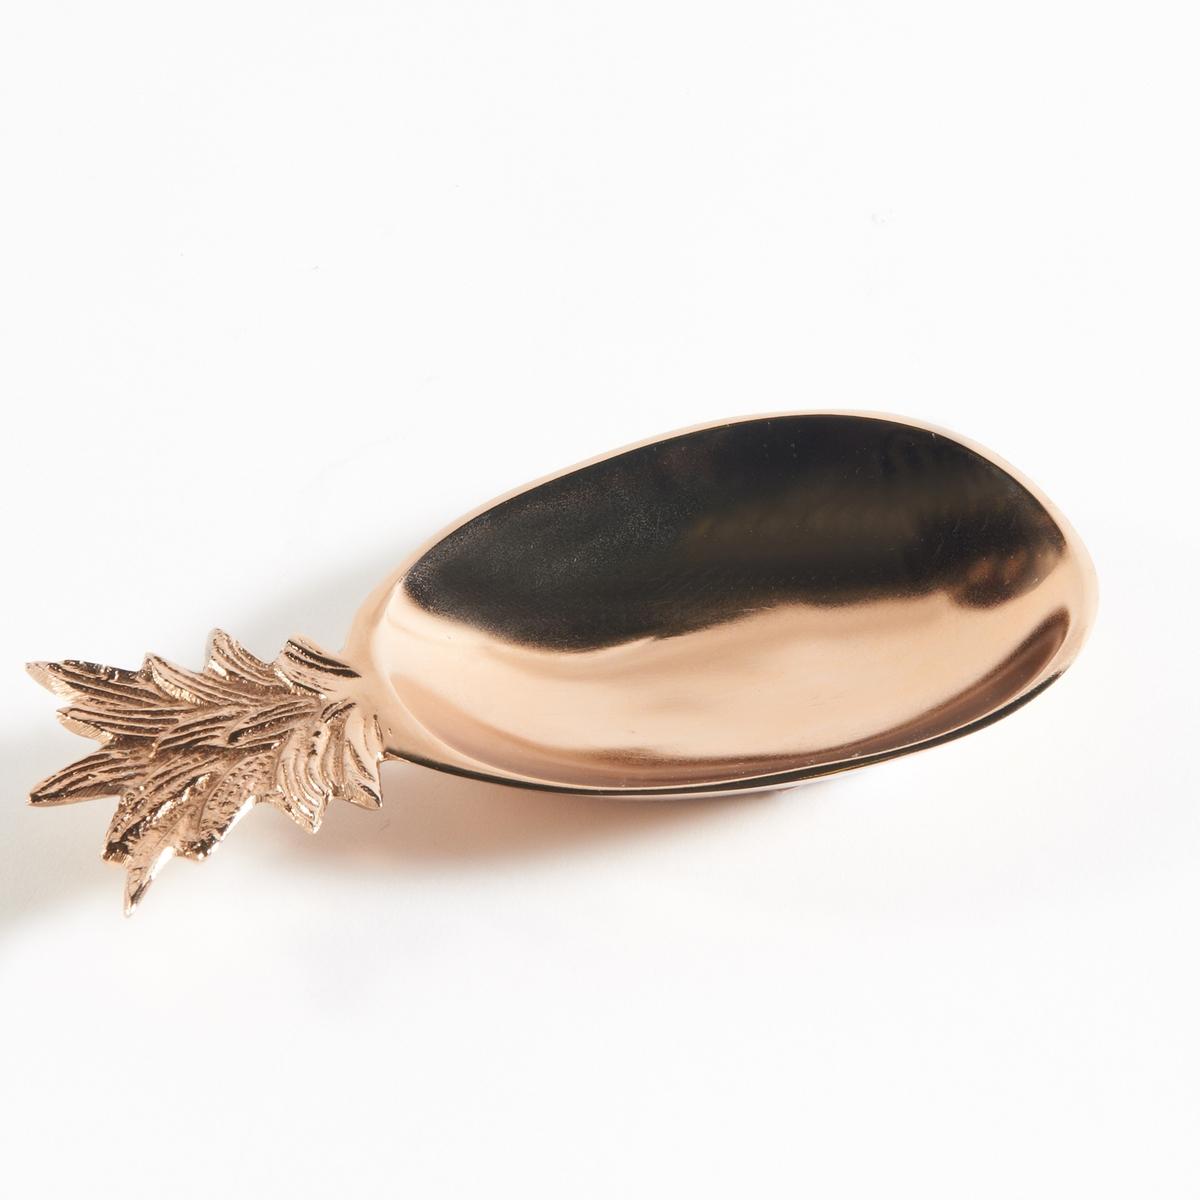 Монетница в форме ананаса с медным покрытием  XaticМонетница в форме ананаса из сплава алюминия с медным покрытием, Xatic . Экзотичная монетница, которую можно поставить на столик в прихожей, чтобы никогда не забывать ваши ключи  .Характеристики монетницы с медной отделкой, Xatic :В форме ананаса Из сплава алюминия с медной отделкой Найдите другие монетницы на сайте laredoute.ruРазмеры монетницы с медной отделкой, Xatic :Размер. : 20 x 10 см<br><br>Цвет: медный<br>Размер: единый размер